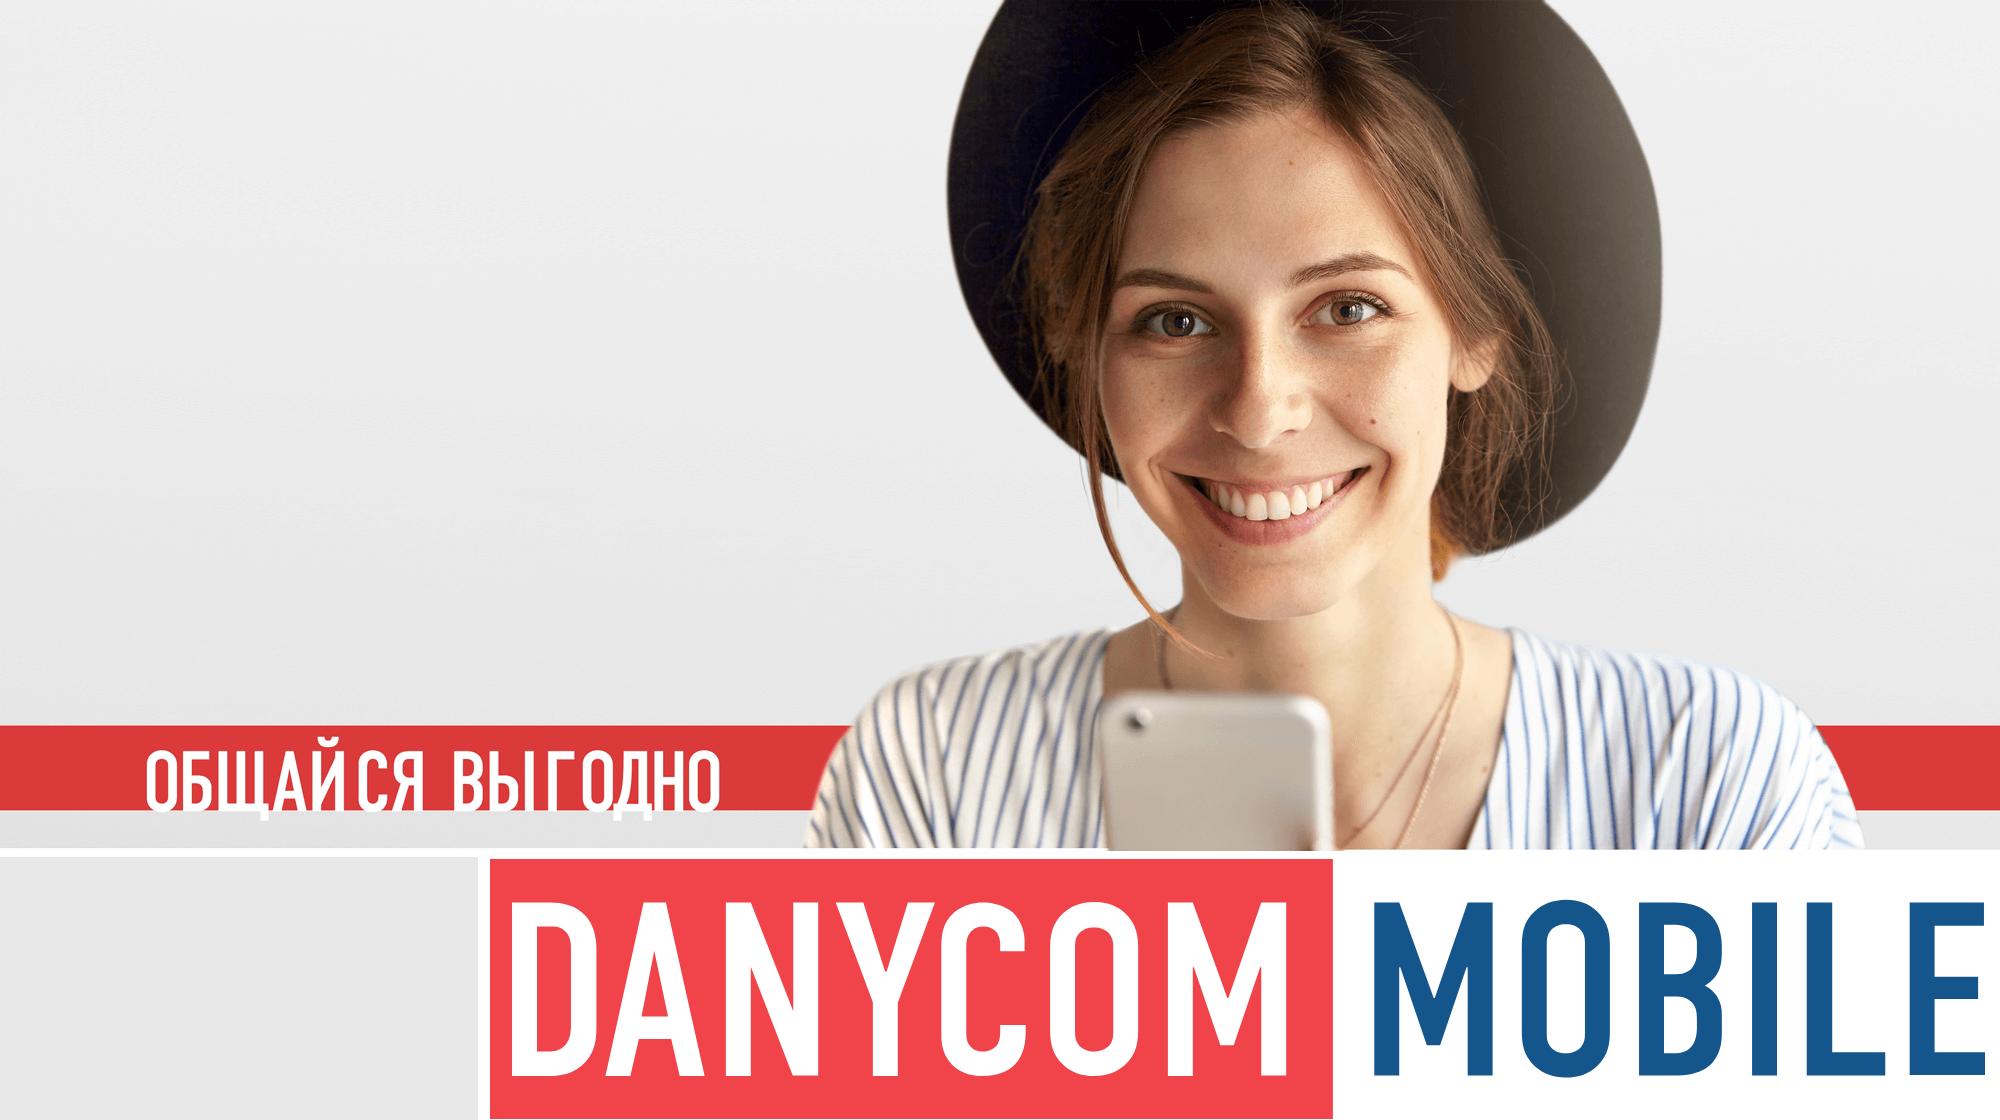 DANYCOM.Mobile стал «Лучшим социально-ориентированный мобильным оператором» 1